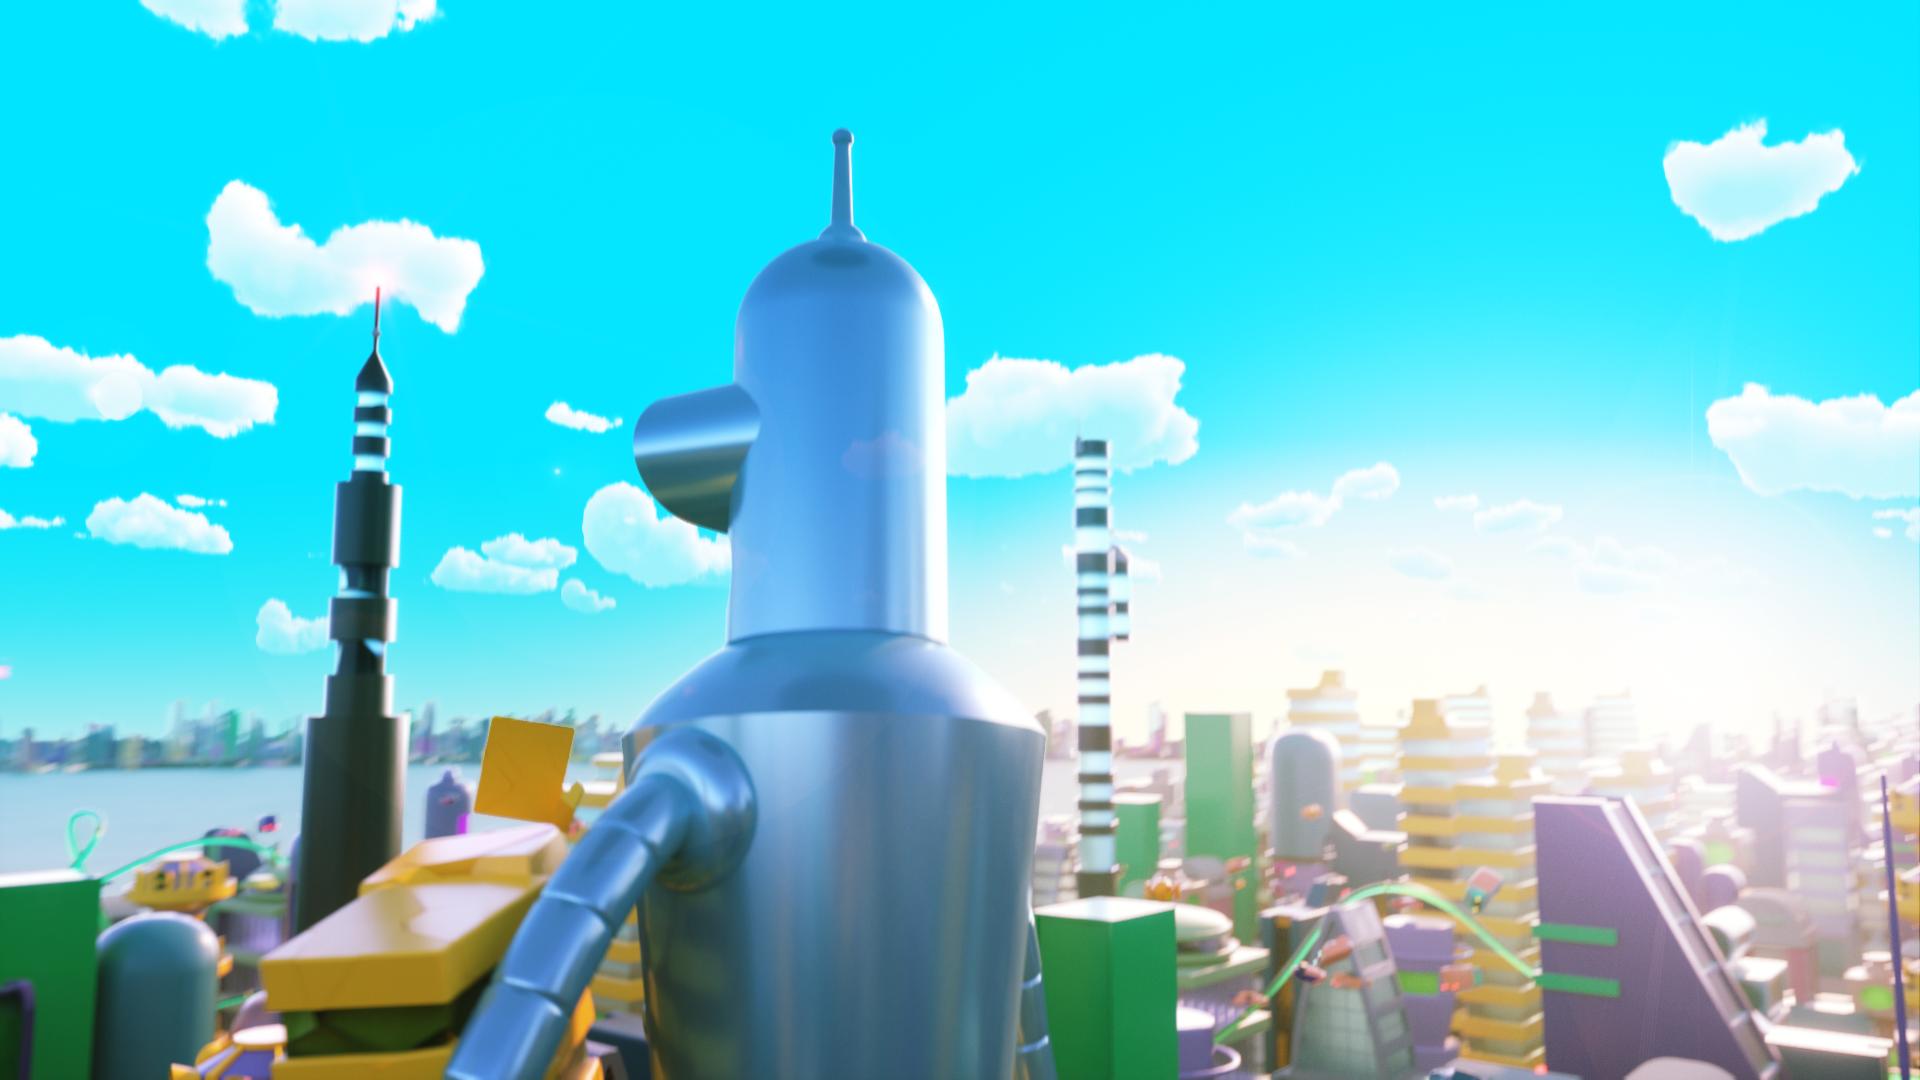 Bender_V02 (0-00-18-01)